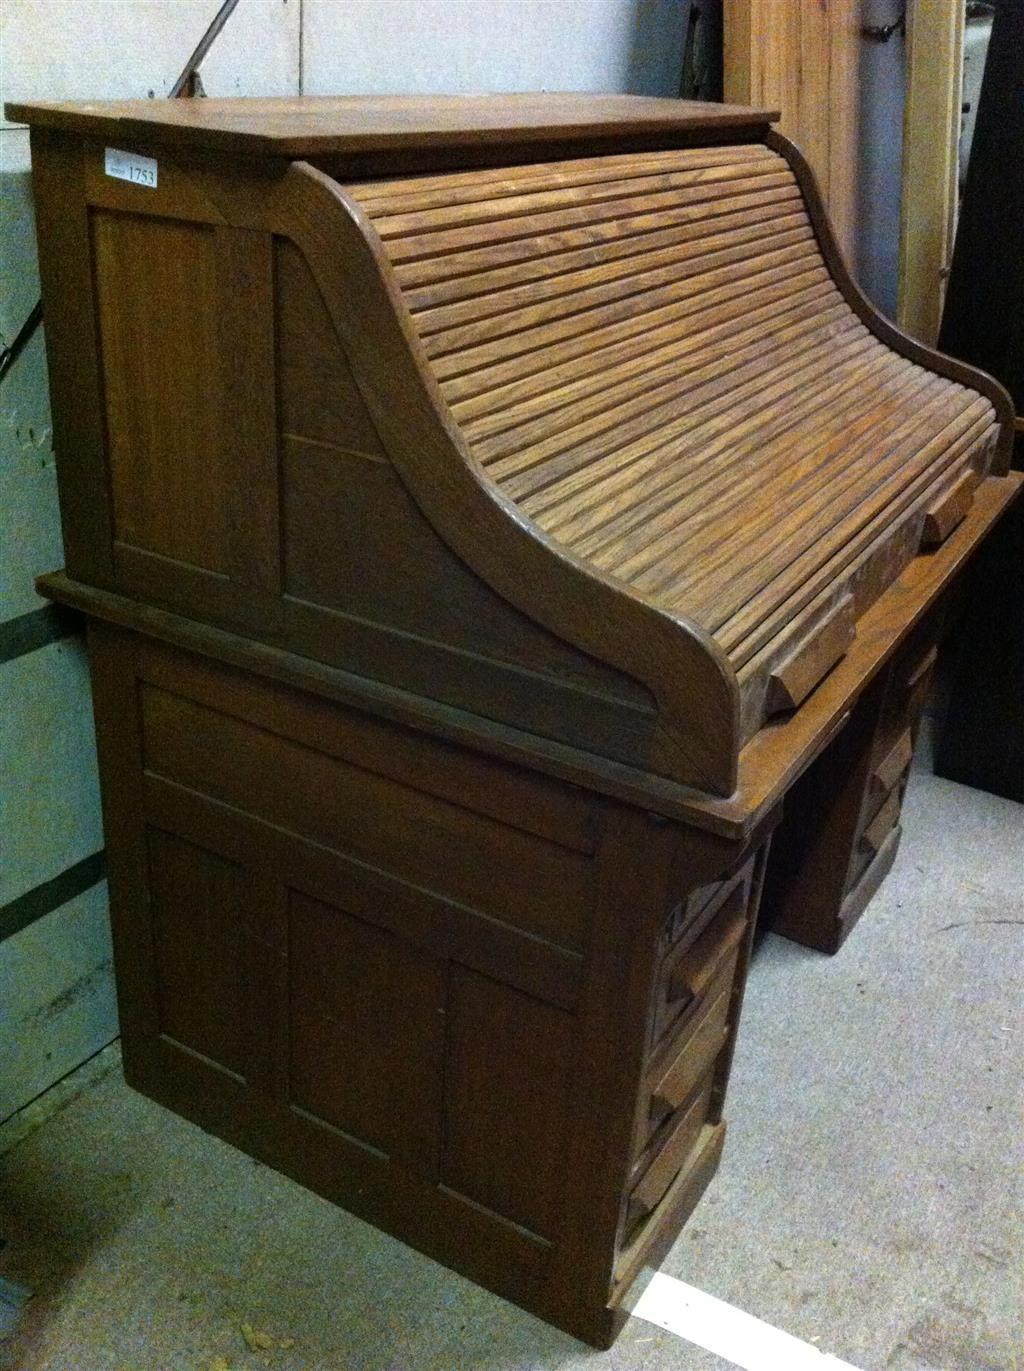 Antique Oak Roll Top Desk - Antique Oak Roll Top Desk Auction Items Pinterest Desks